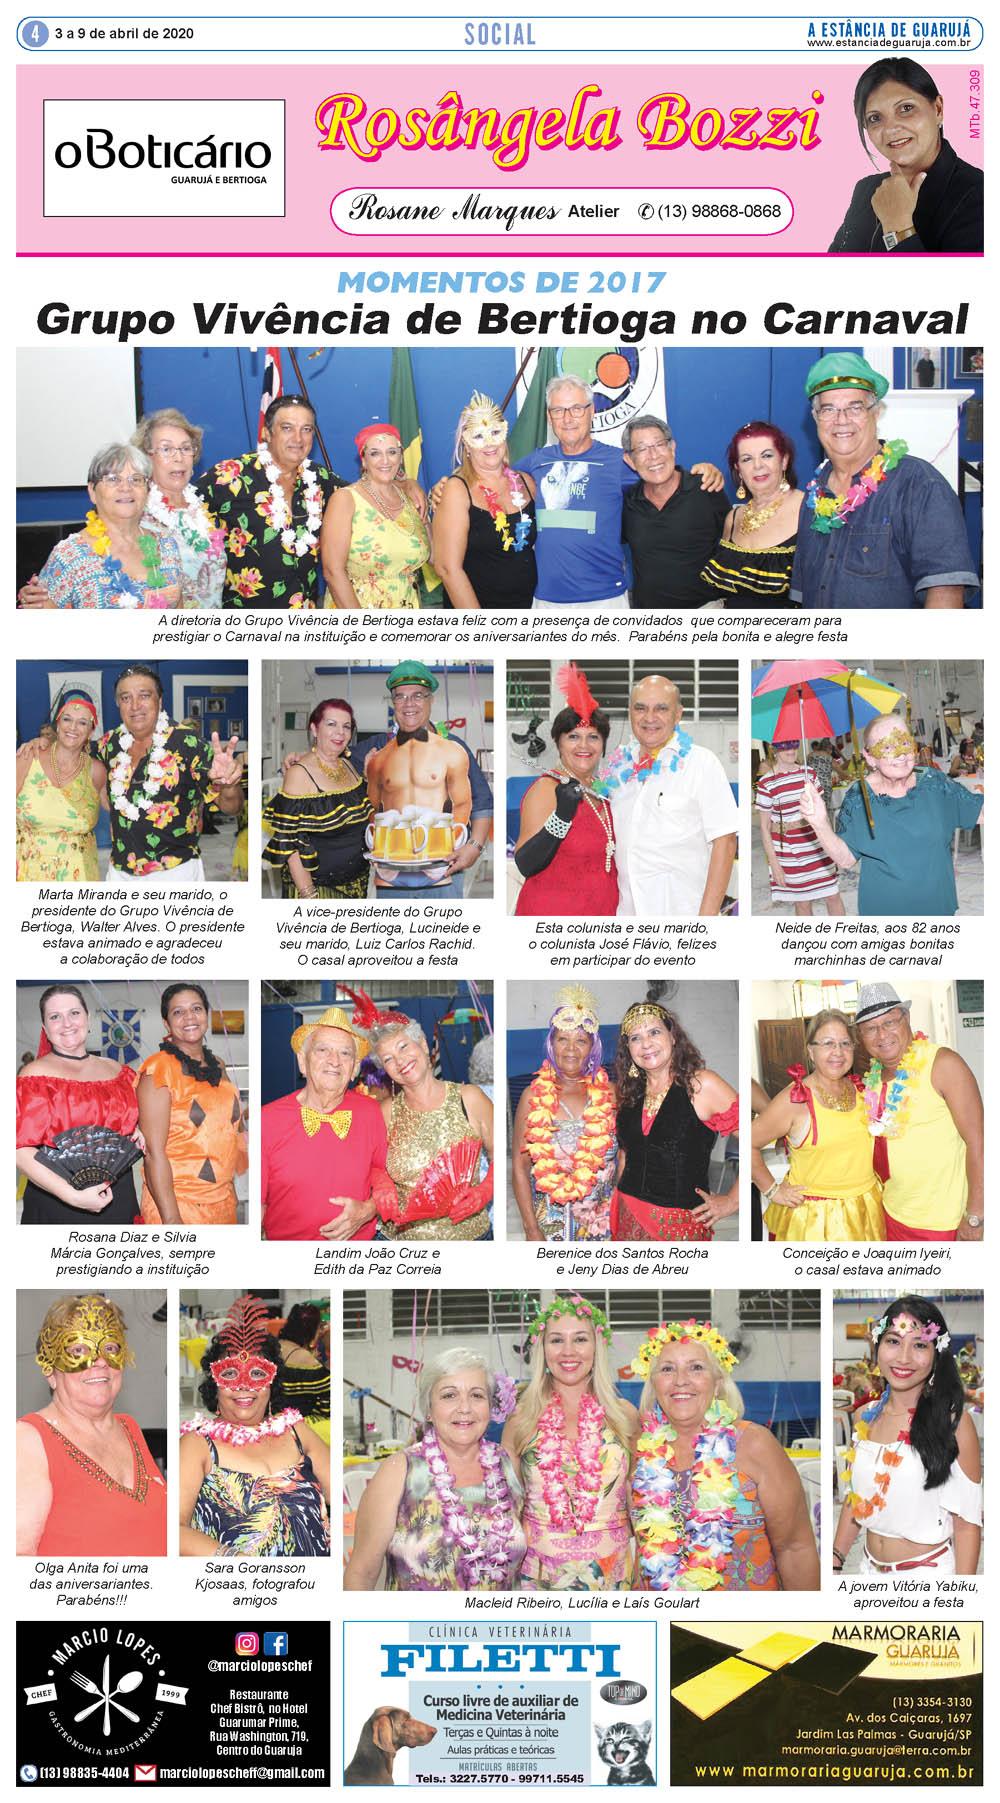 Momentos do Carnaval do Grupo Vivência de Bertioga